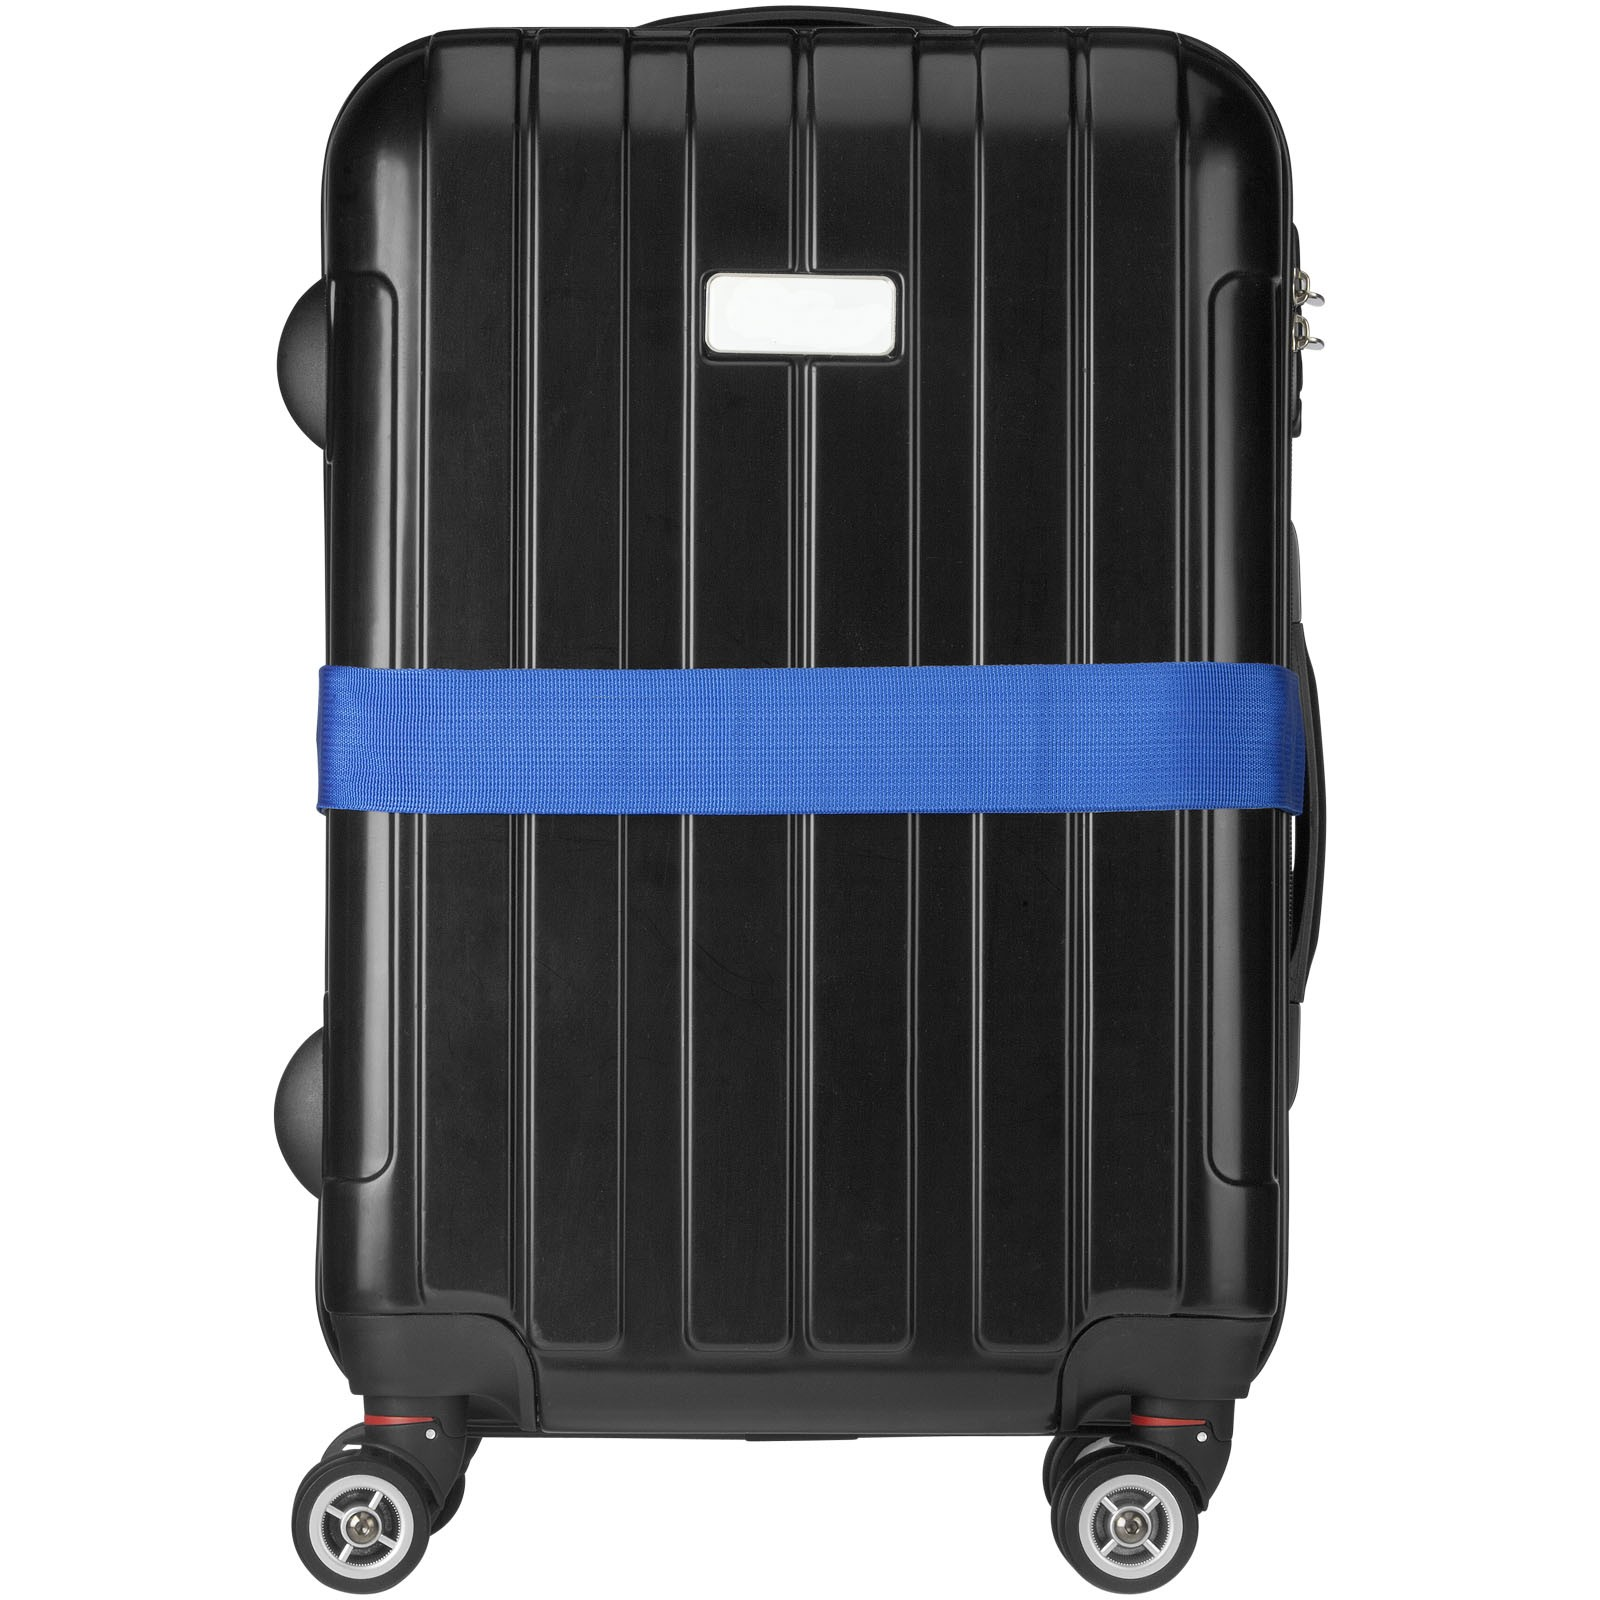 Saul suitcase strap - Royal blue